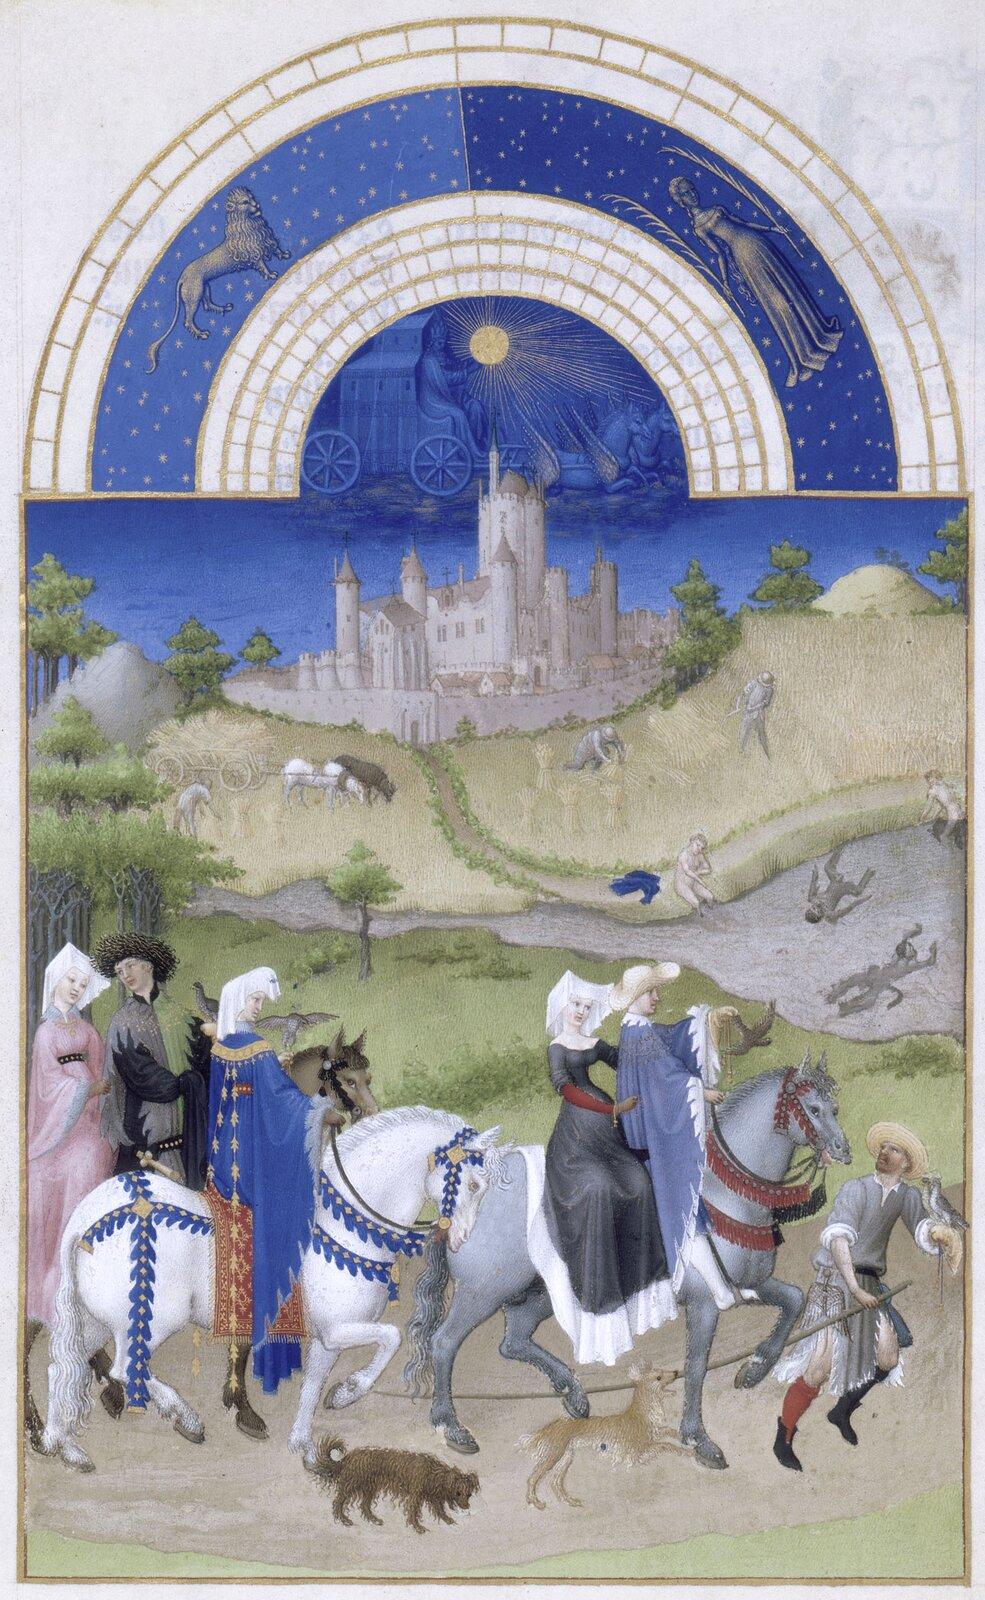 Bardzo bogate godzinki księcia de Berry, kwiecień, XV wiek Źródło: R.M.N. / R.-G. Ojéda, Bardzo bogate godzinki księcia de Berry, kwiecień, XV wiek, Musée Condé, licencja: CC 0.